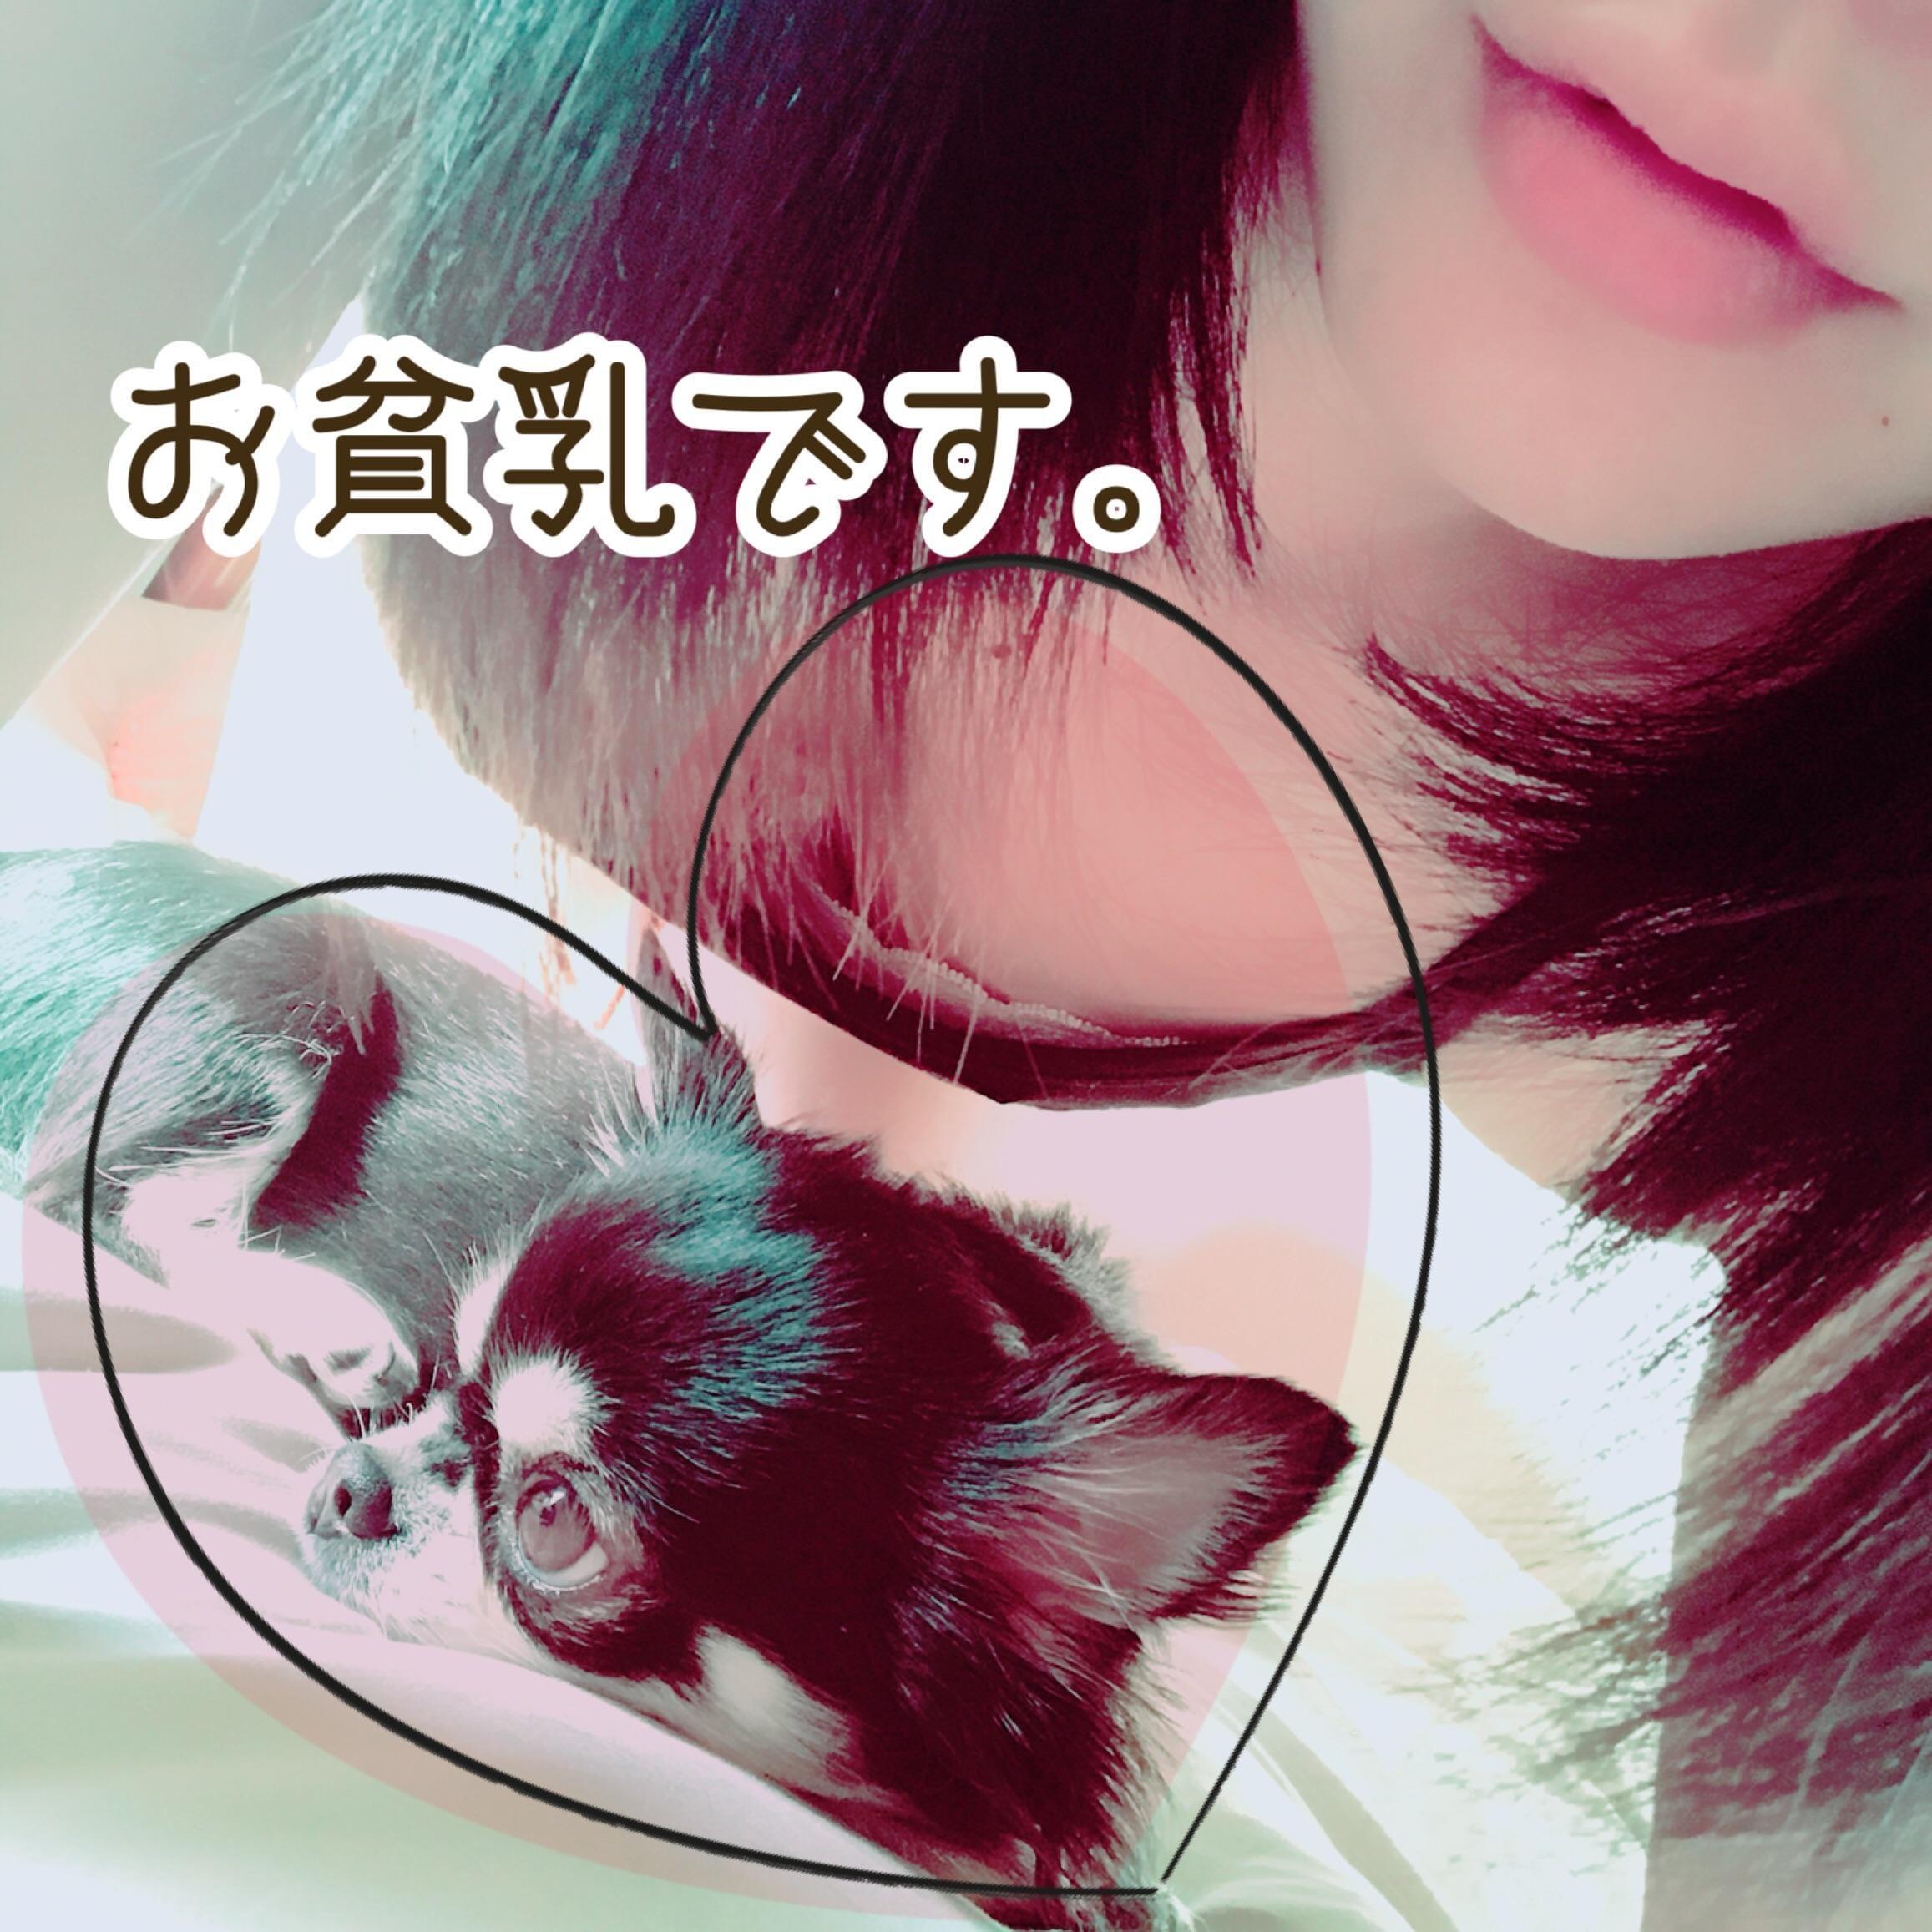 「今日も朝が来る、おまめさん」05/27(日) 06:18   Mame(まめ)の写メ・風俗動画